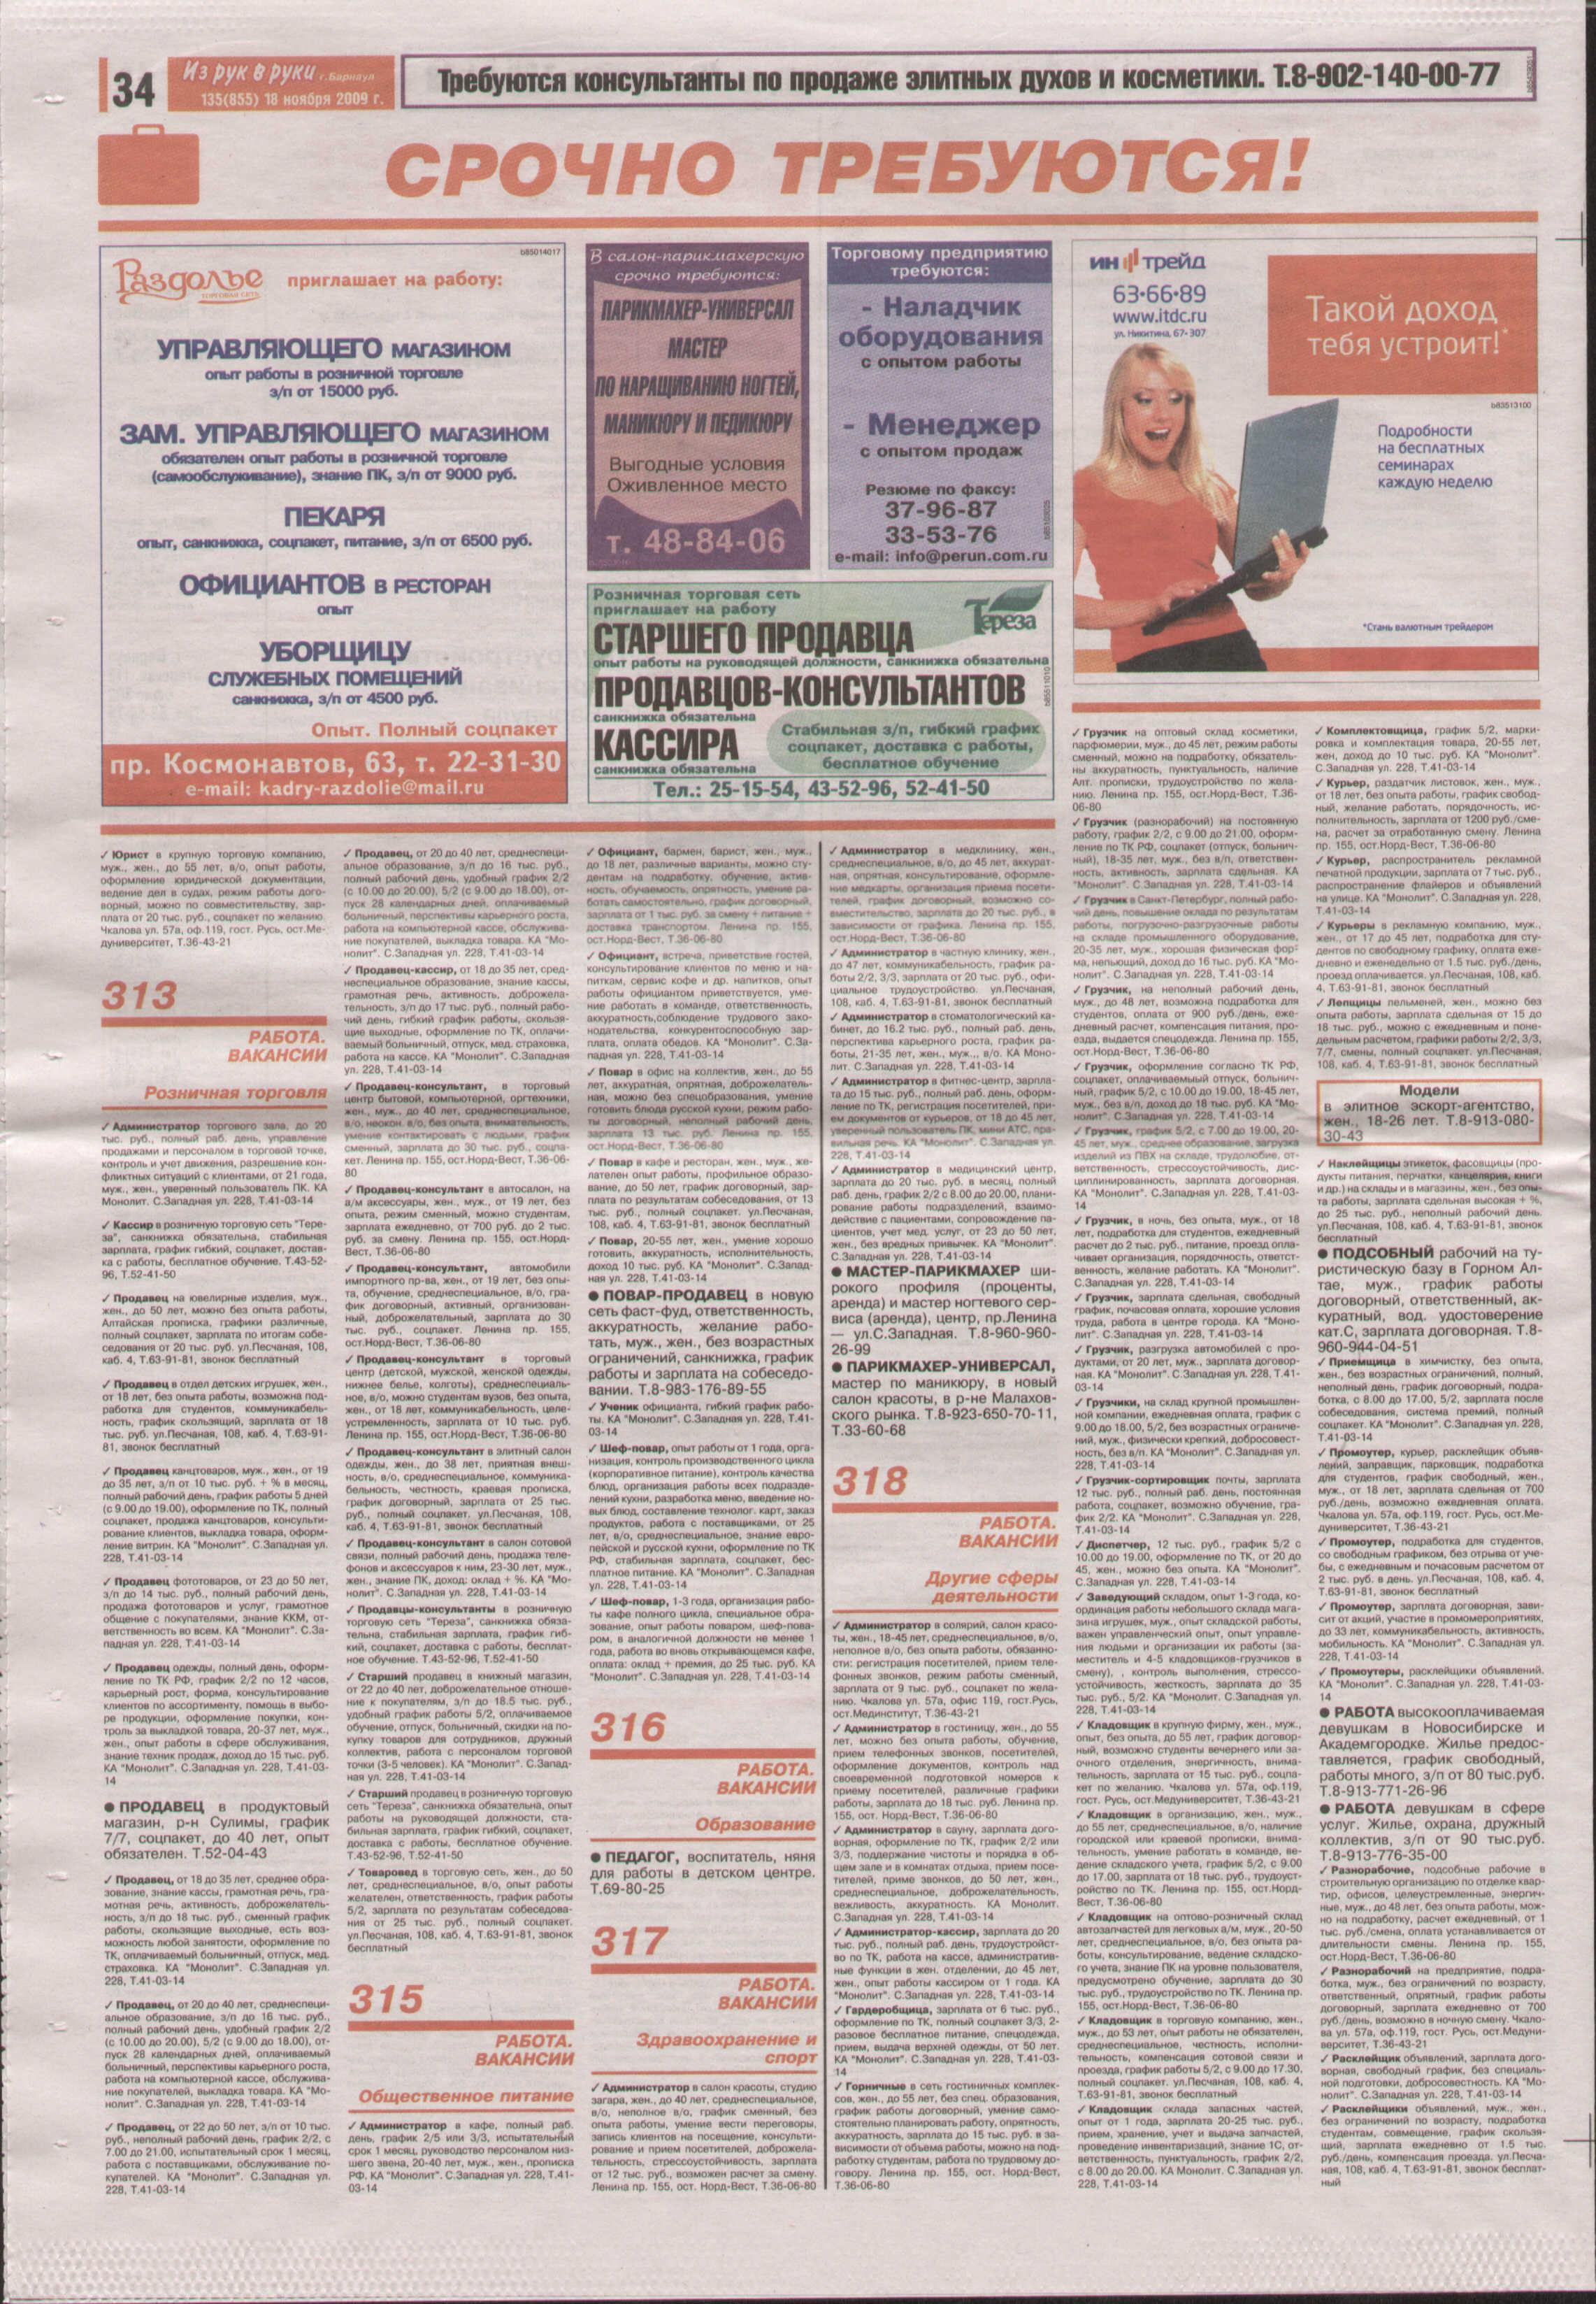 Купи-продай: бесплатные объявления, доска и газета